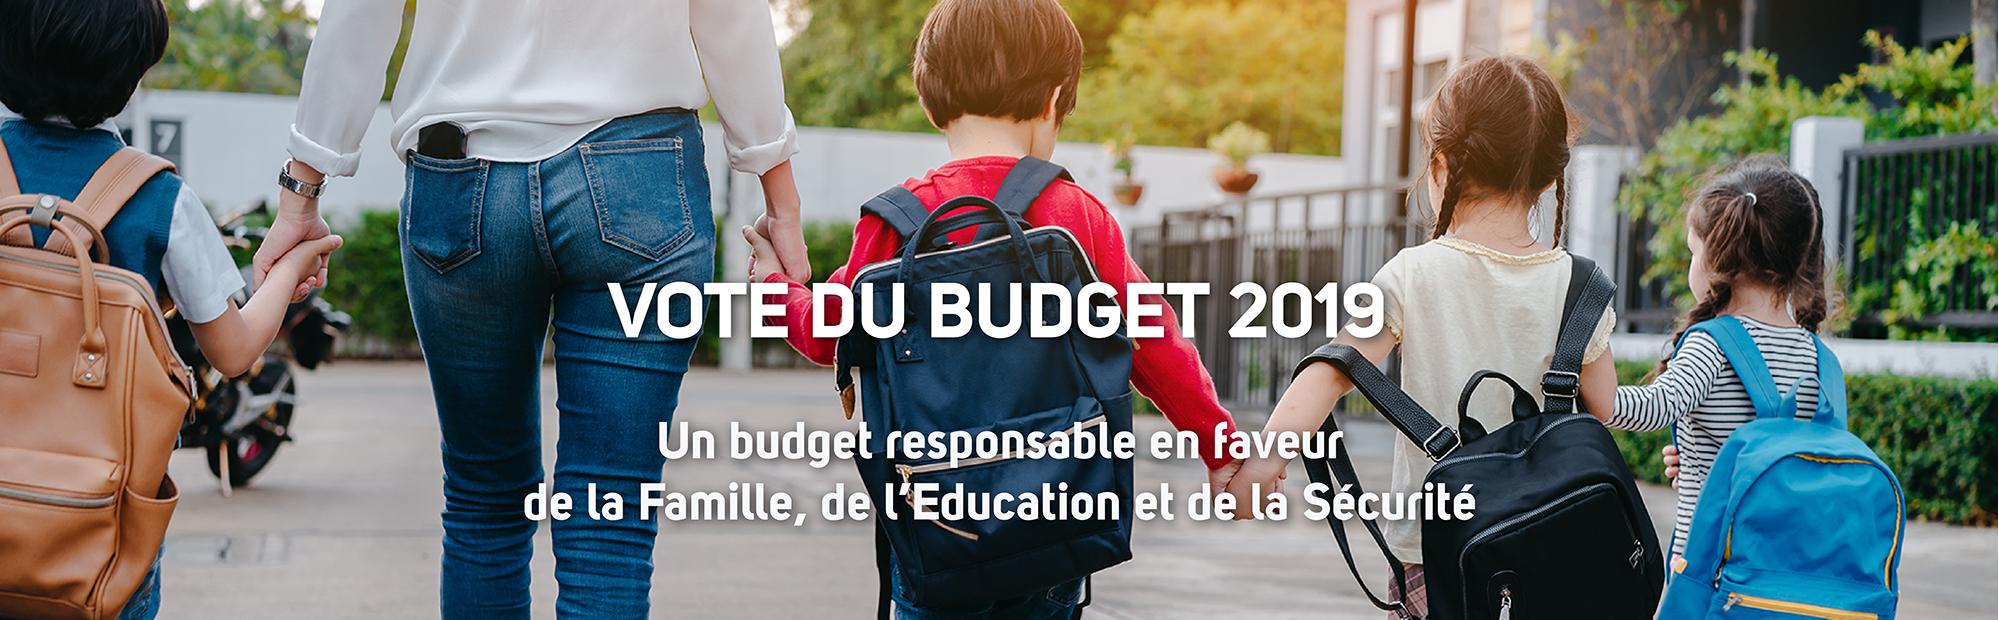 Vote du Budget 2019